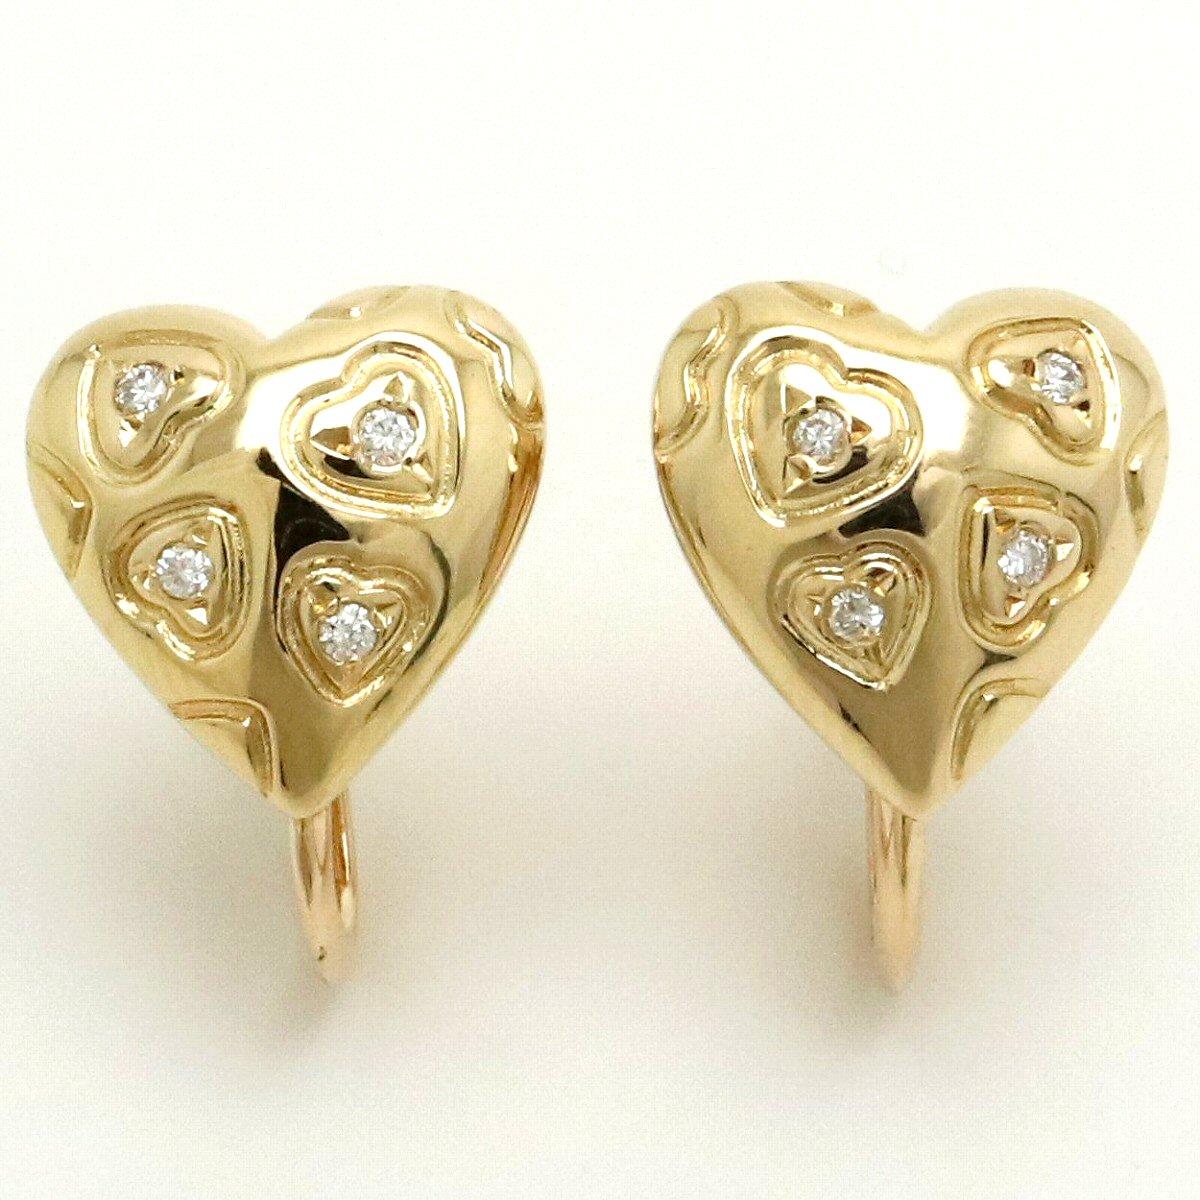 【ジュエリー】MIKIMOTO ミキモト ハート イヤリング ダイヤモンド 0.04ct K18YG イエローゴールド 【中古】